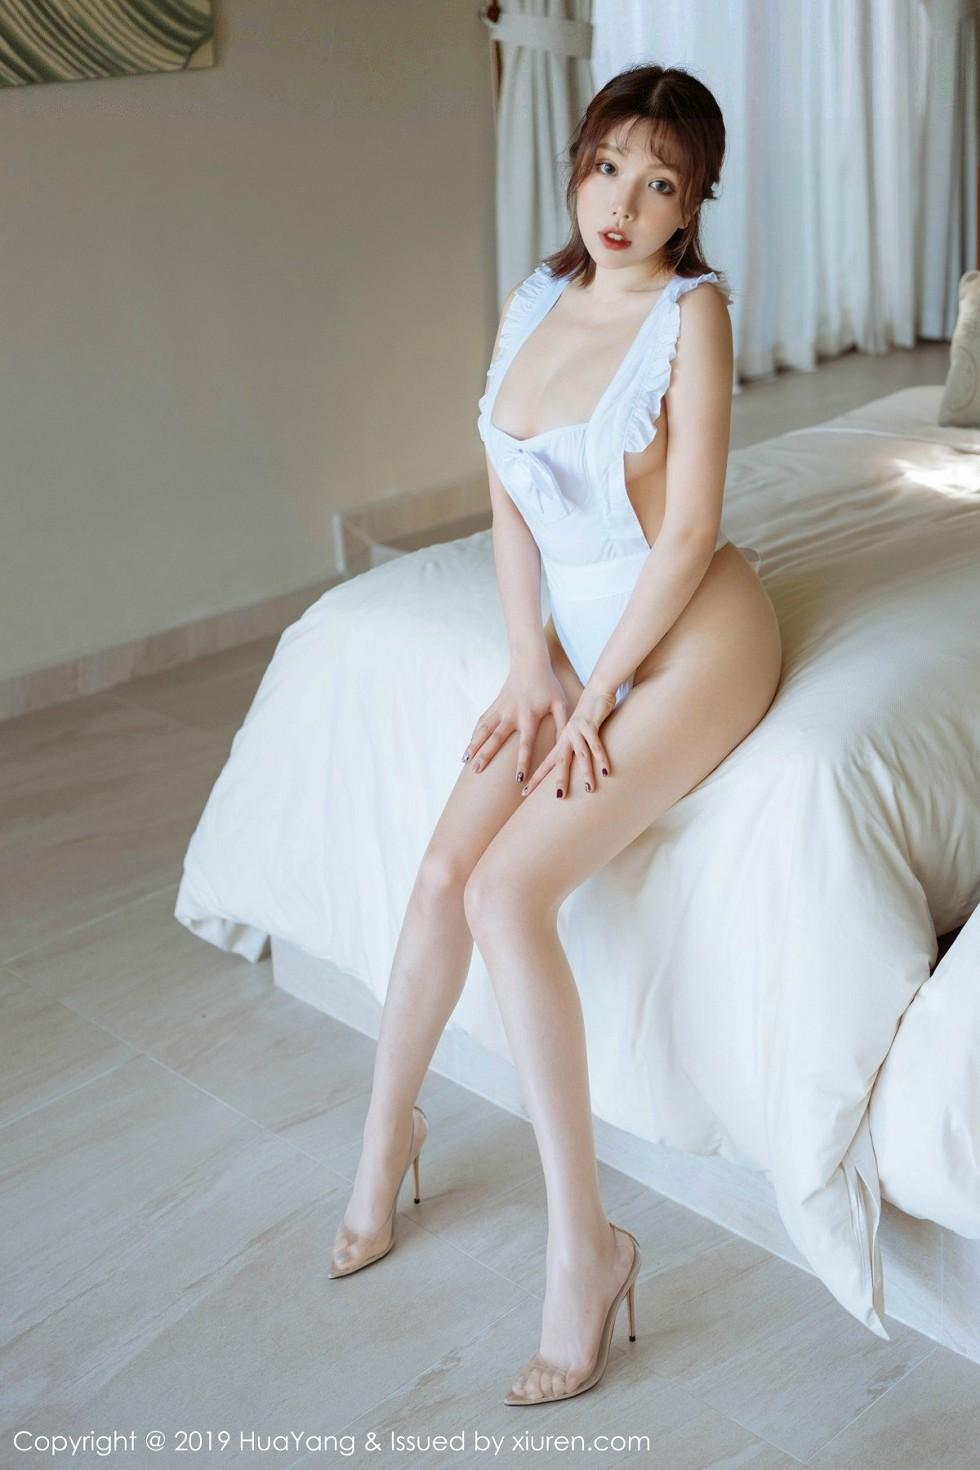 女神黄乐然富国岛旅拍白色女仆装真空露豪乳极致诱惑无圣光写真50P